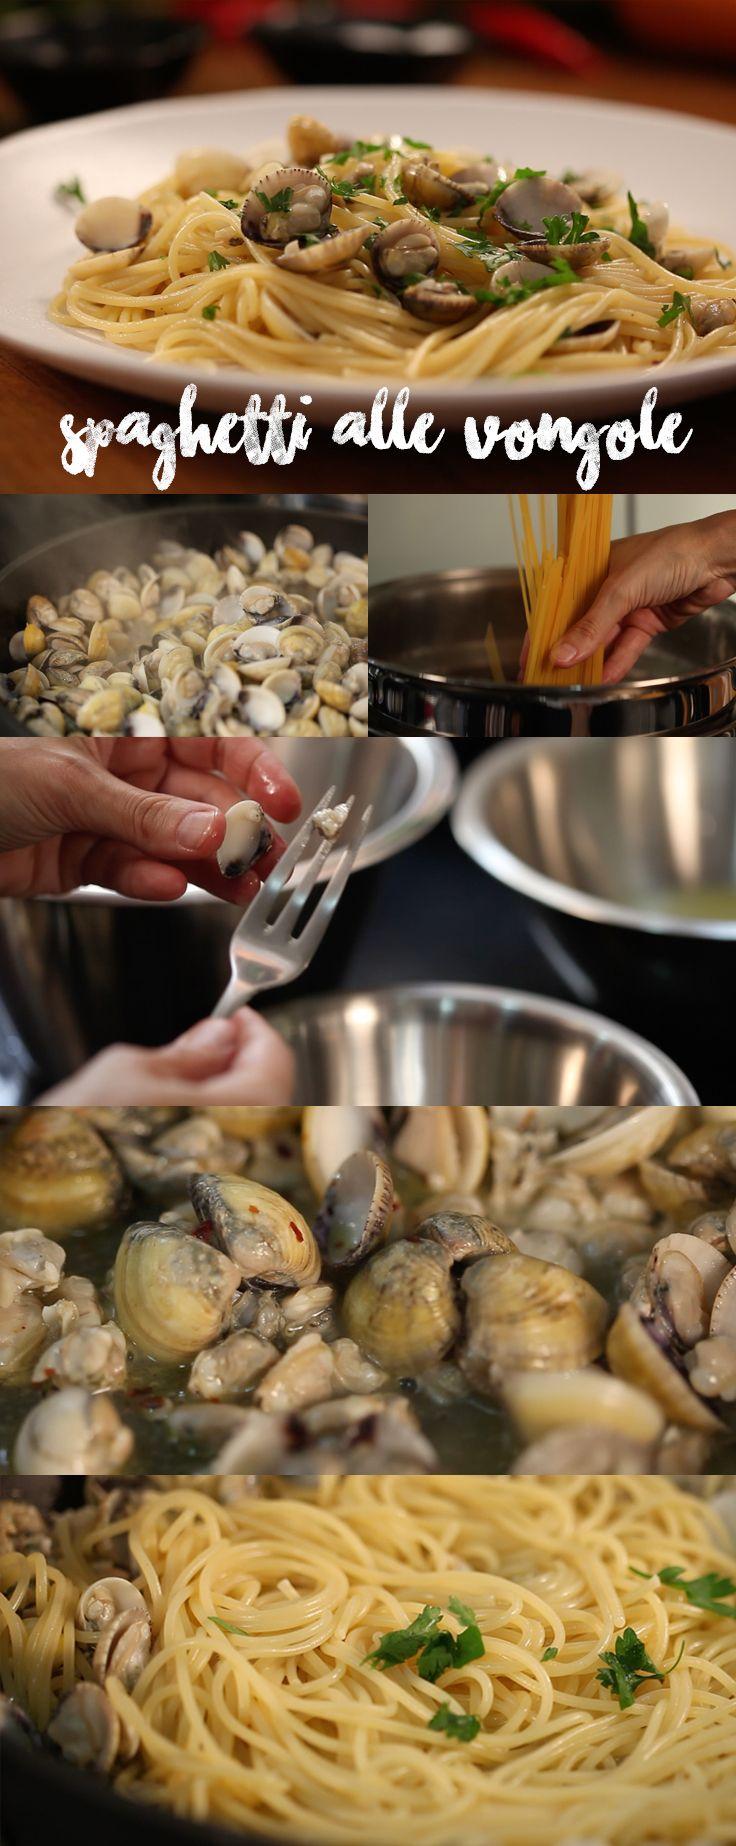 Spaghetti alle Vongole Spaghetti alle vongole é um clássico da culinária italiana e muito simples de fazer! Hora de chamar os amigos e abrir uma garrafa de Pinot Grigio geladíssima. Buon Appetito! Confira o passo-a-passo dessa receita no myyellowpages.com.br  LINK DA RECEITA: http://www.myyellowpages.com.br/spaghetti-alle-vongole/